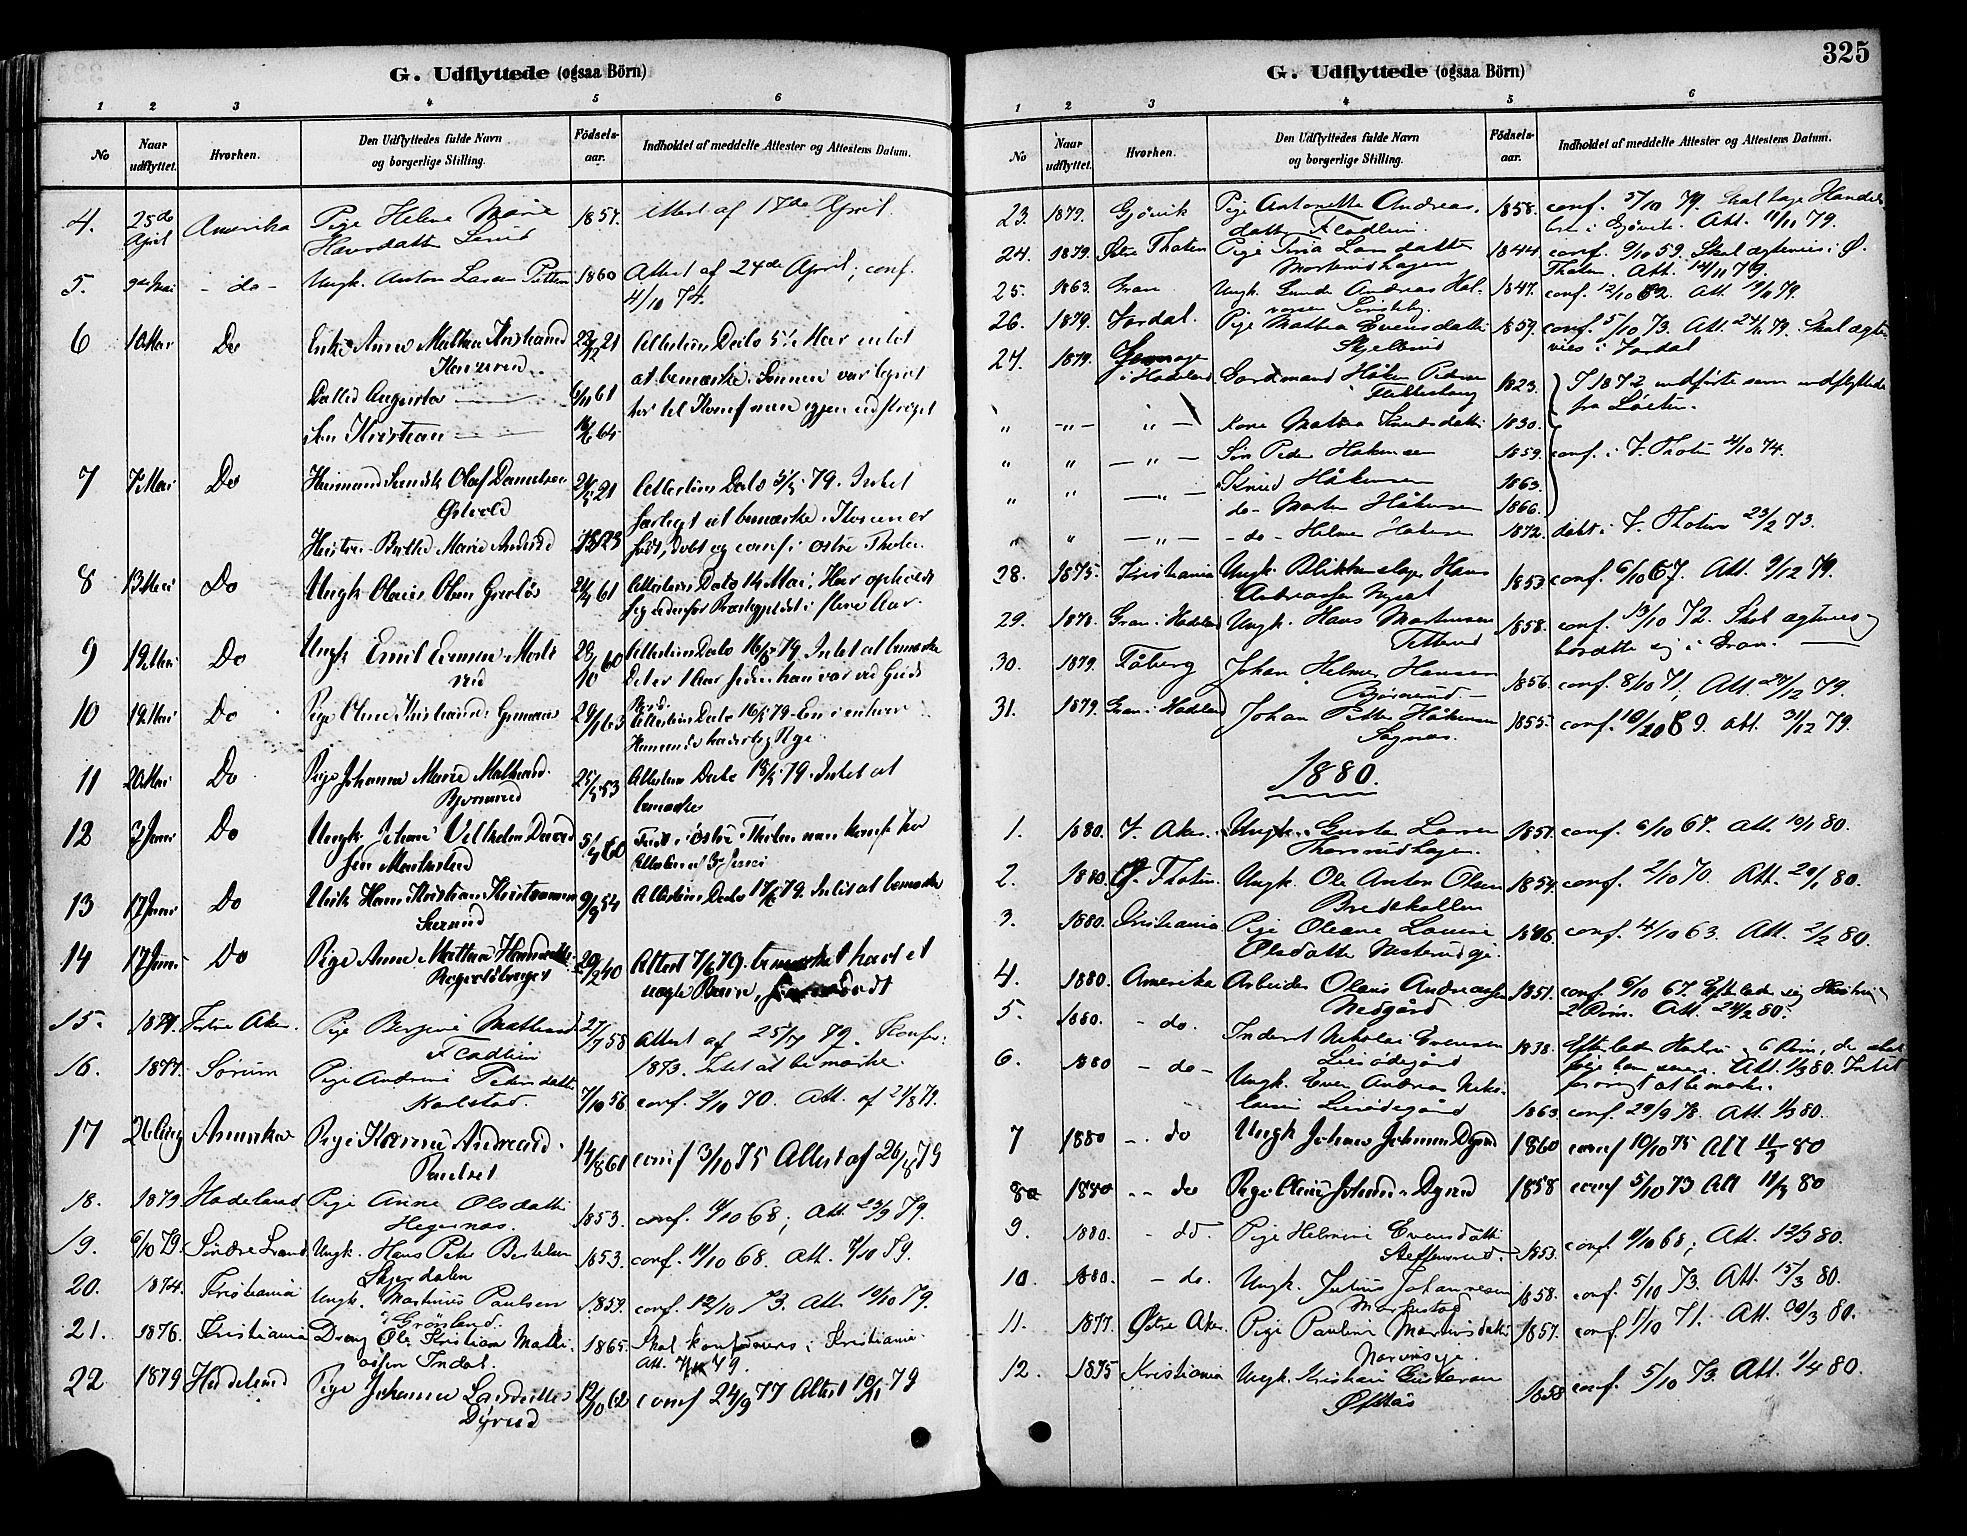 SAH, Vestre Toten prestekontor, Ministerialbok nr. 9, 1878-1894, s. 325